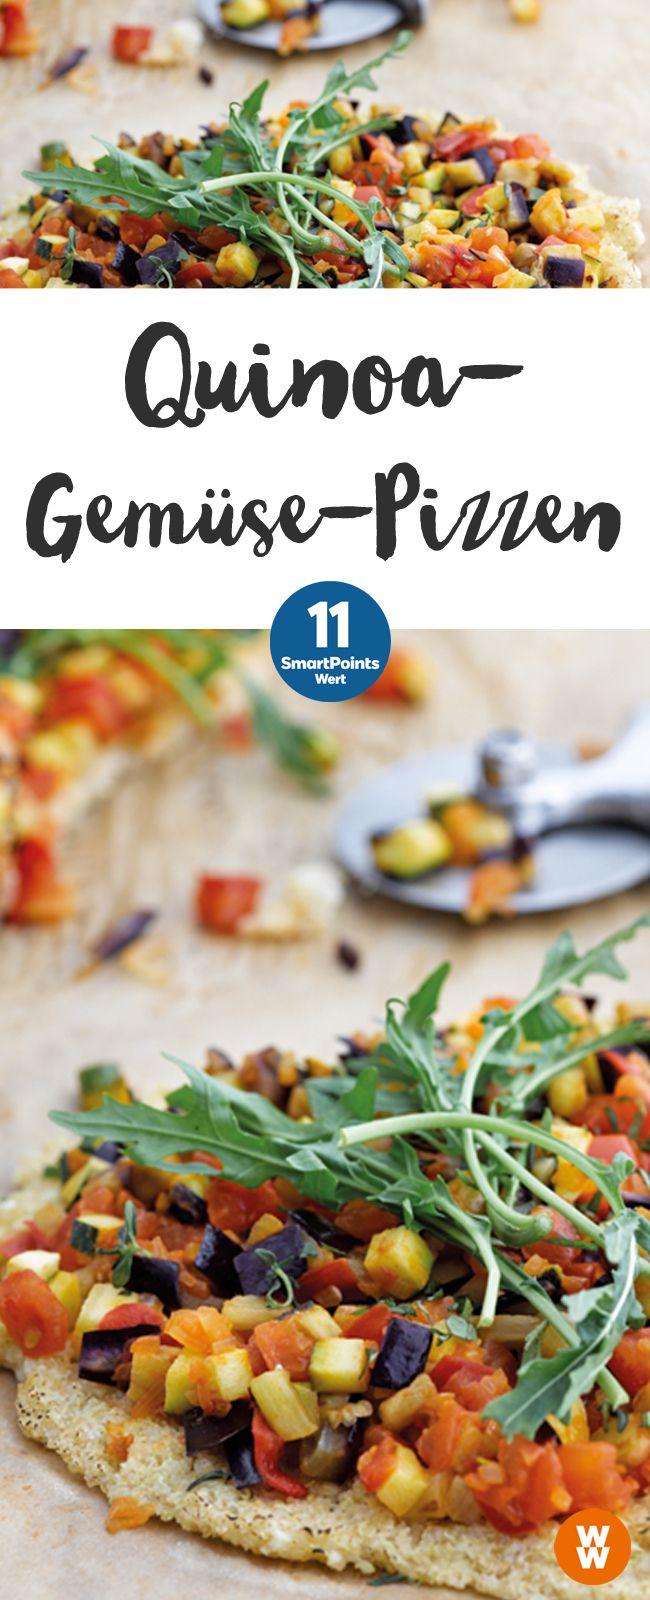 Vegetarische Quinoa-Gemüse Pizzen, 11 SmartPoints, lecker & einfach zubereitet   Weight Watchers